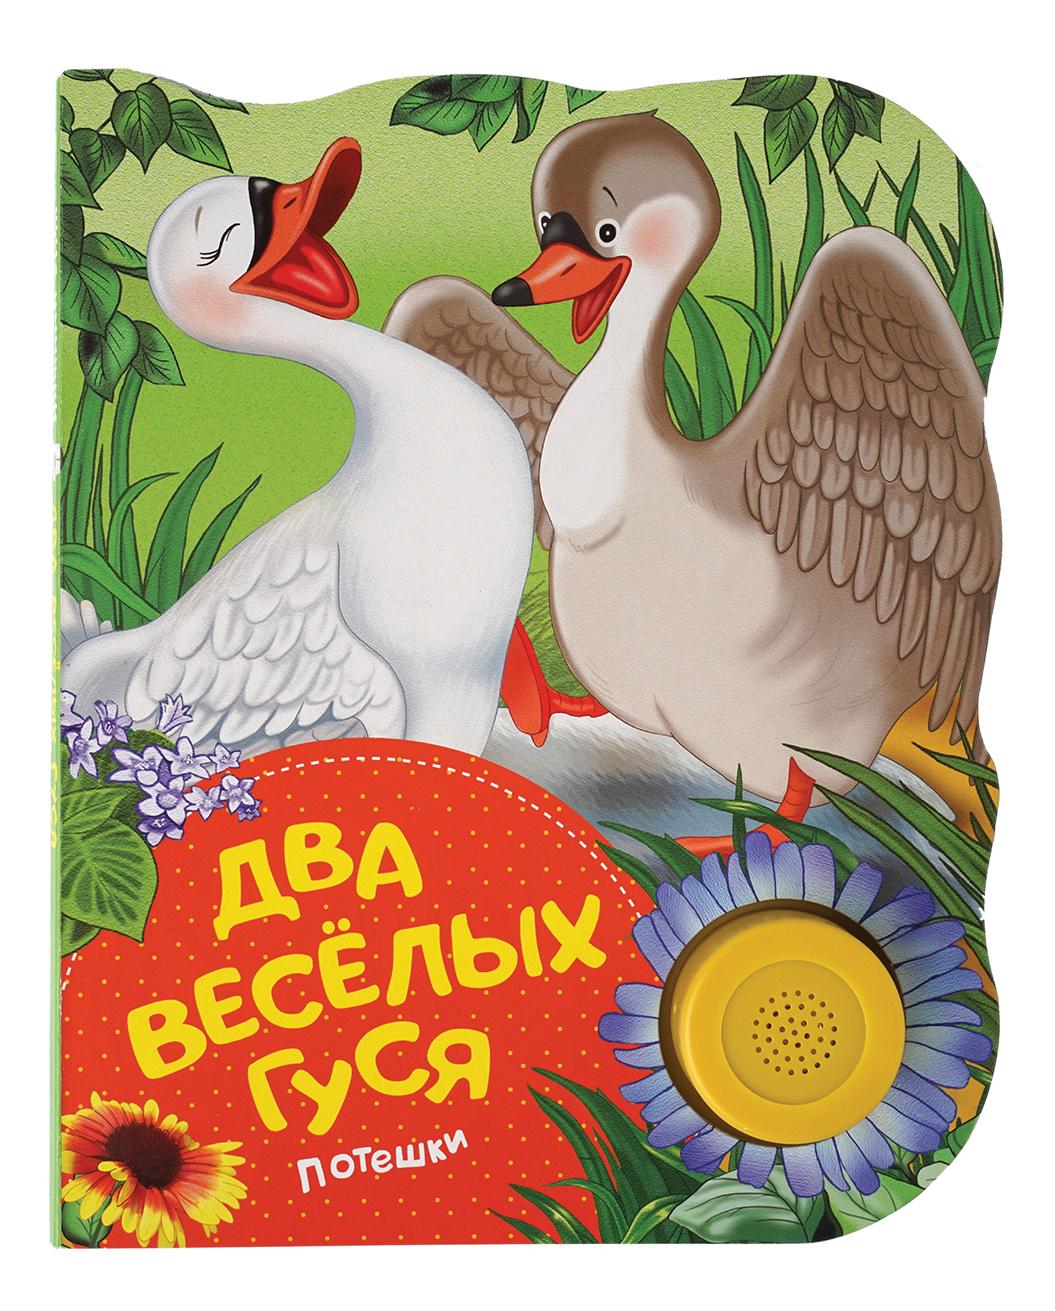 Картинки с надписью жизненно веселых гуся